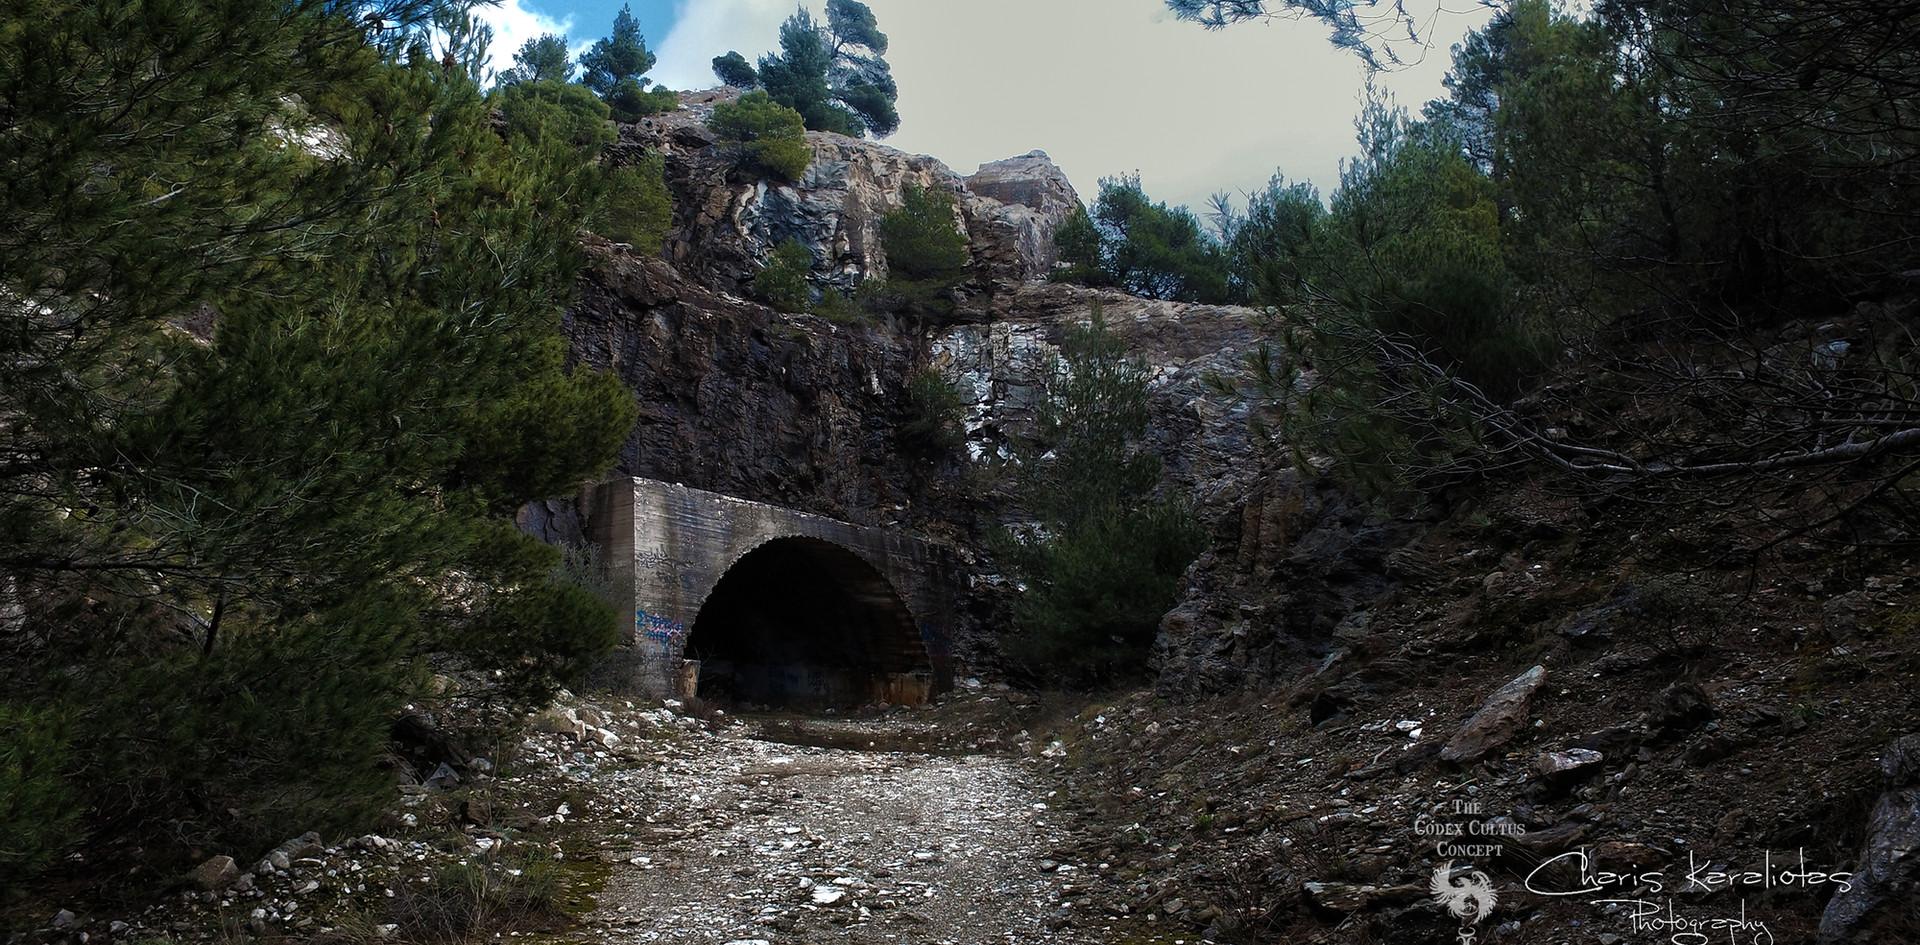 ΣΠΗΛΑΙΟ ΠΕΝΤΕΛΗΣ - ΝΤΑΒΕΛΗ